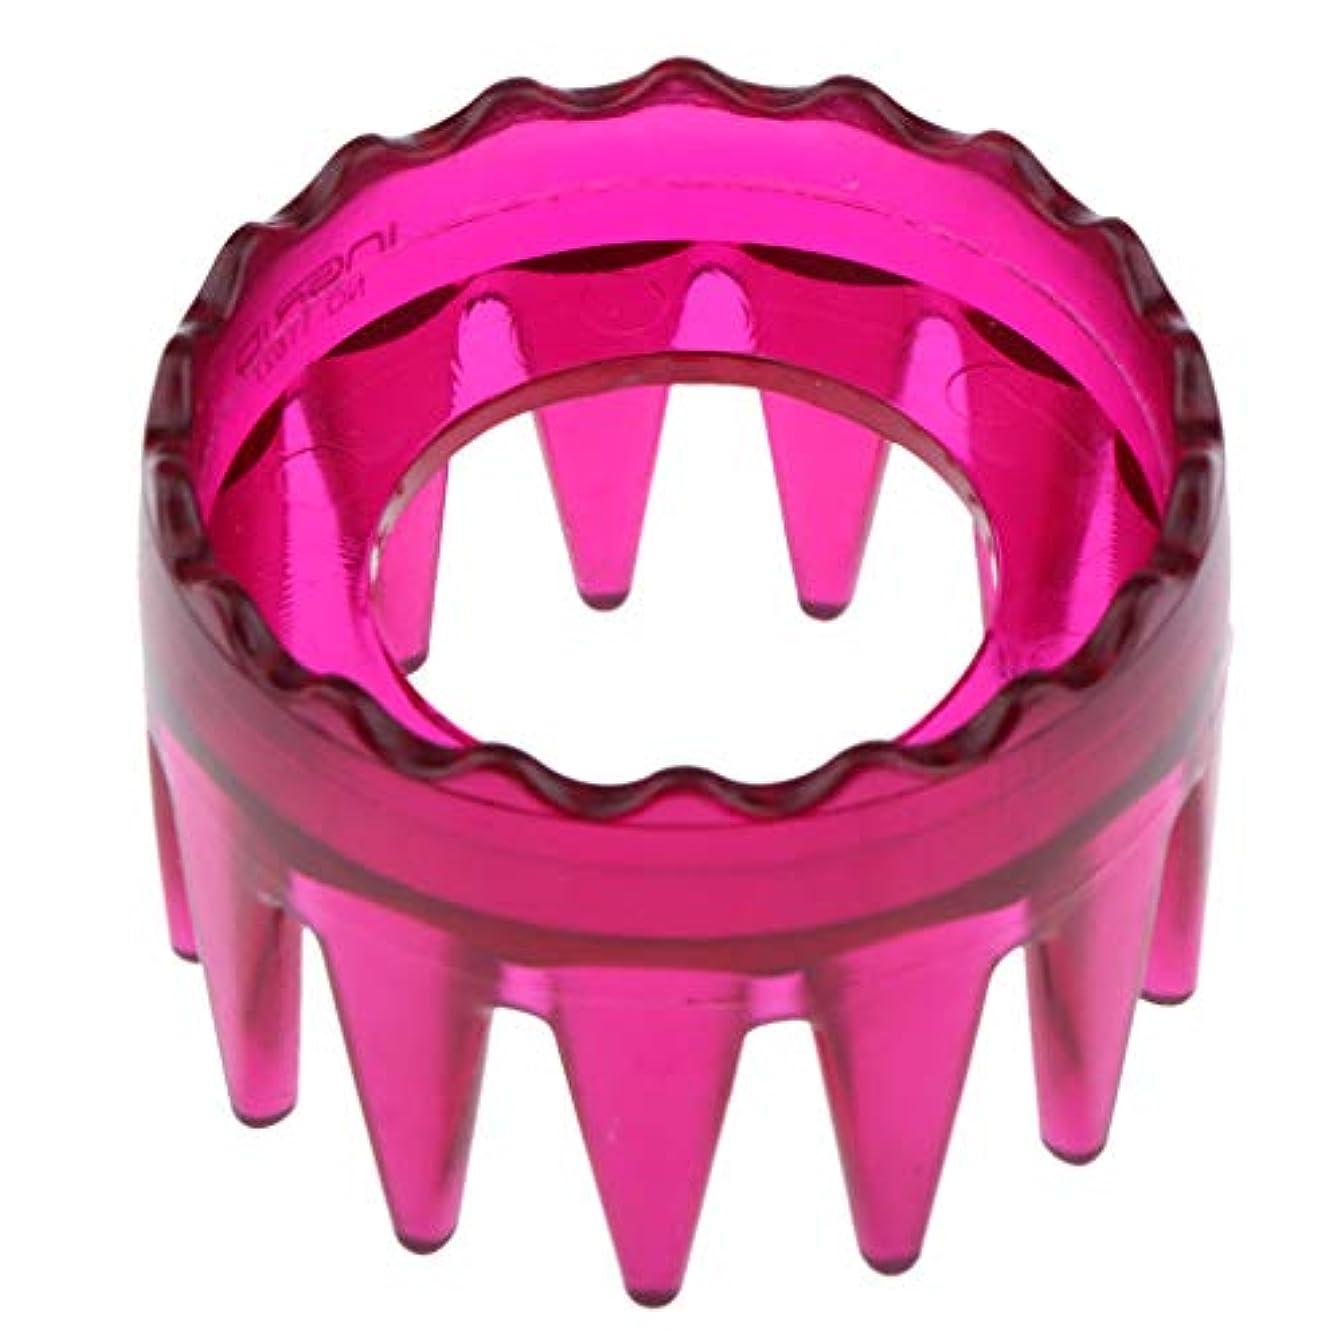 酸化物ブレス担保全4色 シャンプーブラシ 洗髪櫛 マッサージャー ヘアコーム ヘアブラシ 直径約6cm プラスチック製 - ローズレッド